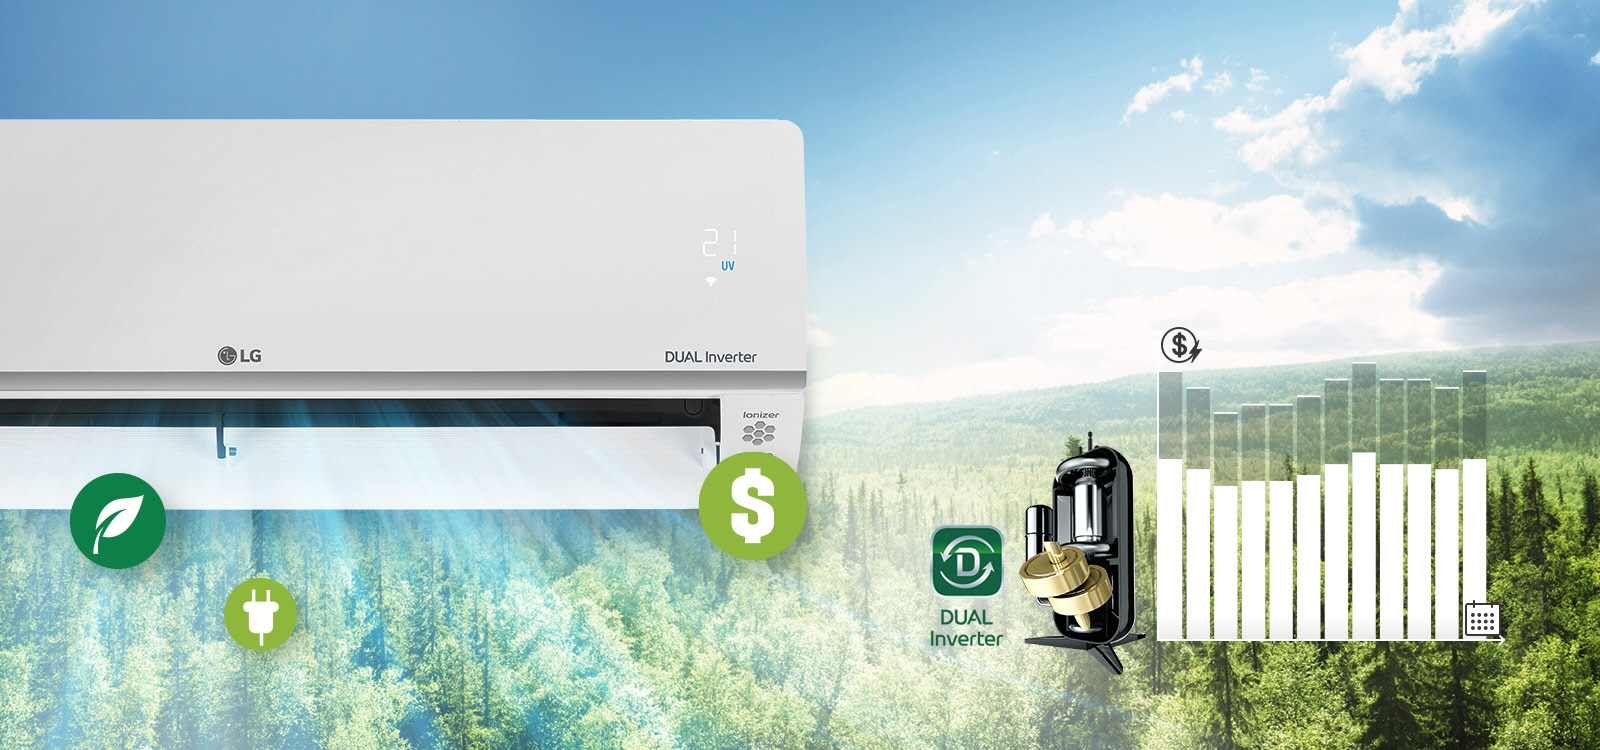 Tiết kiệm hóa đơn tiền điện, Thân thiện với môi trường1